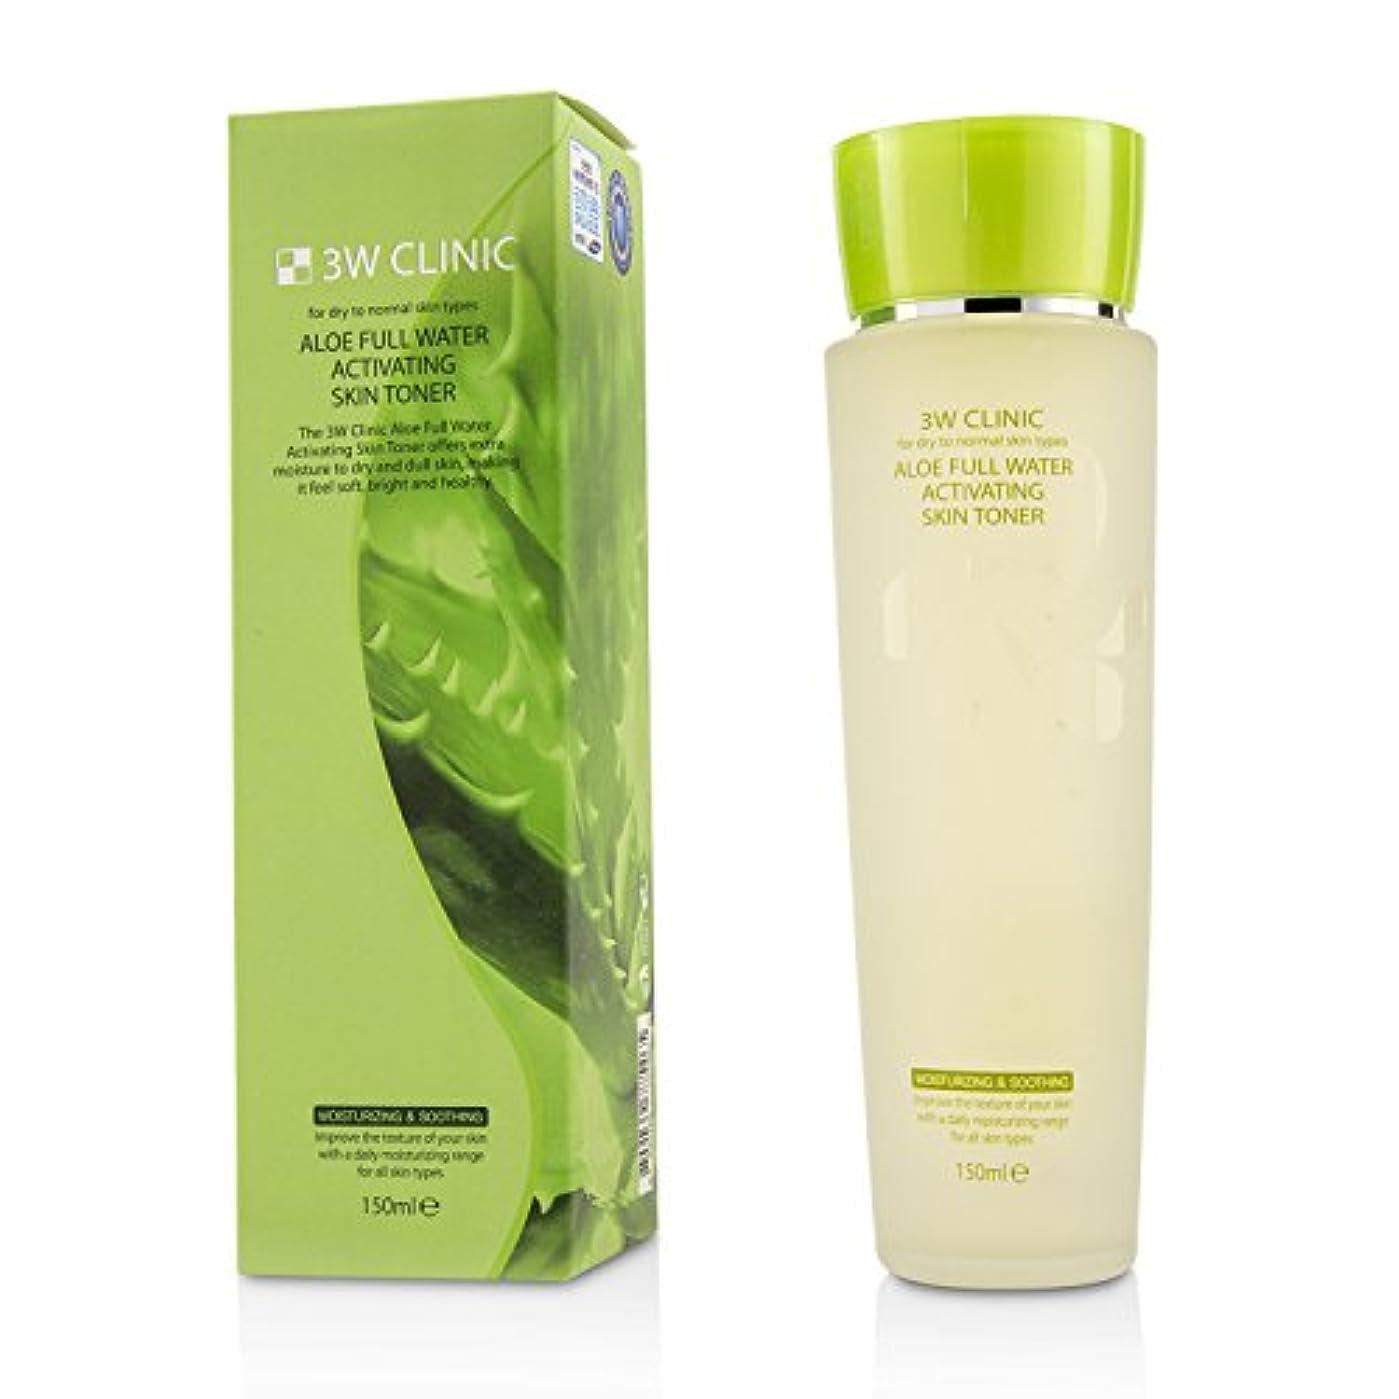 中傷逸脱追加3Wクリニック Aloe Full Water Activating Skin Toner - For Dry to Normal Skin Types 150ml/5oz並行輸入品